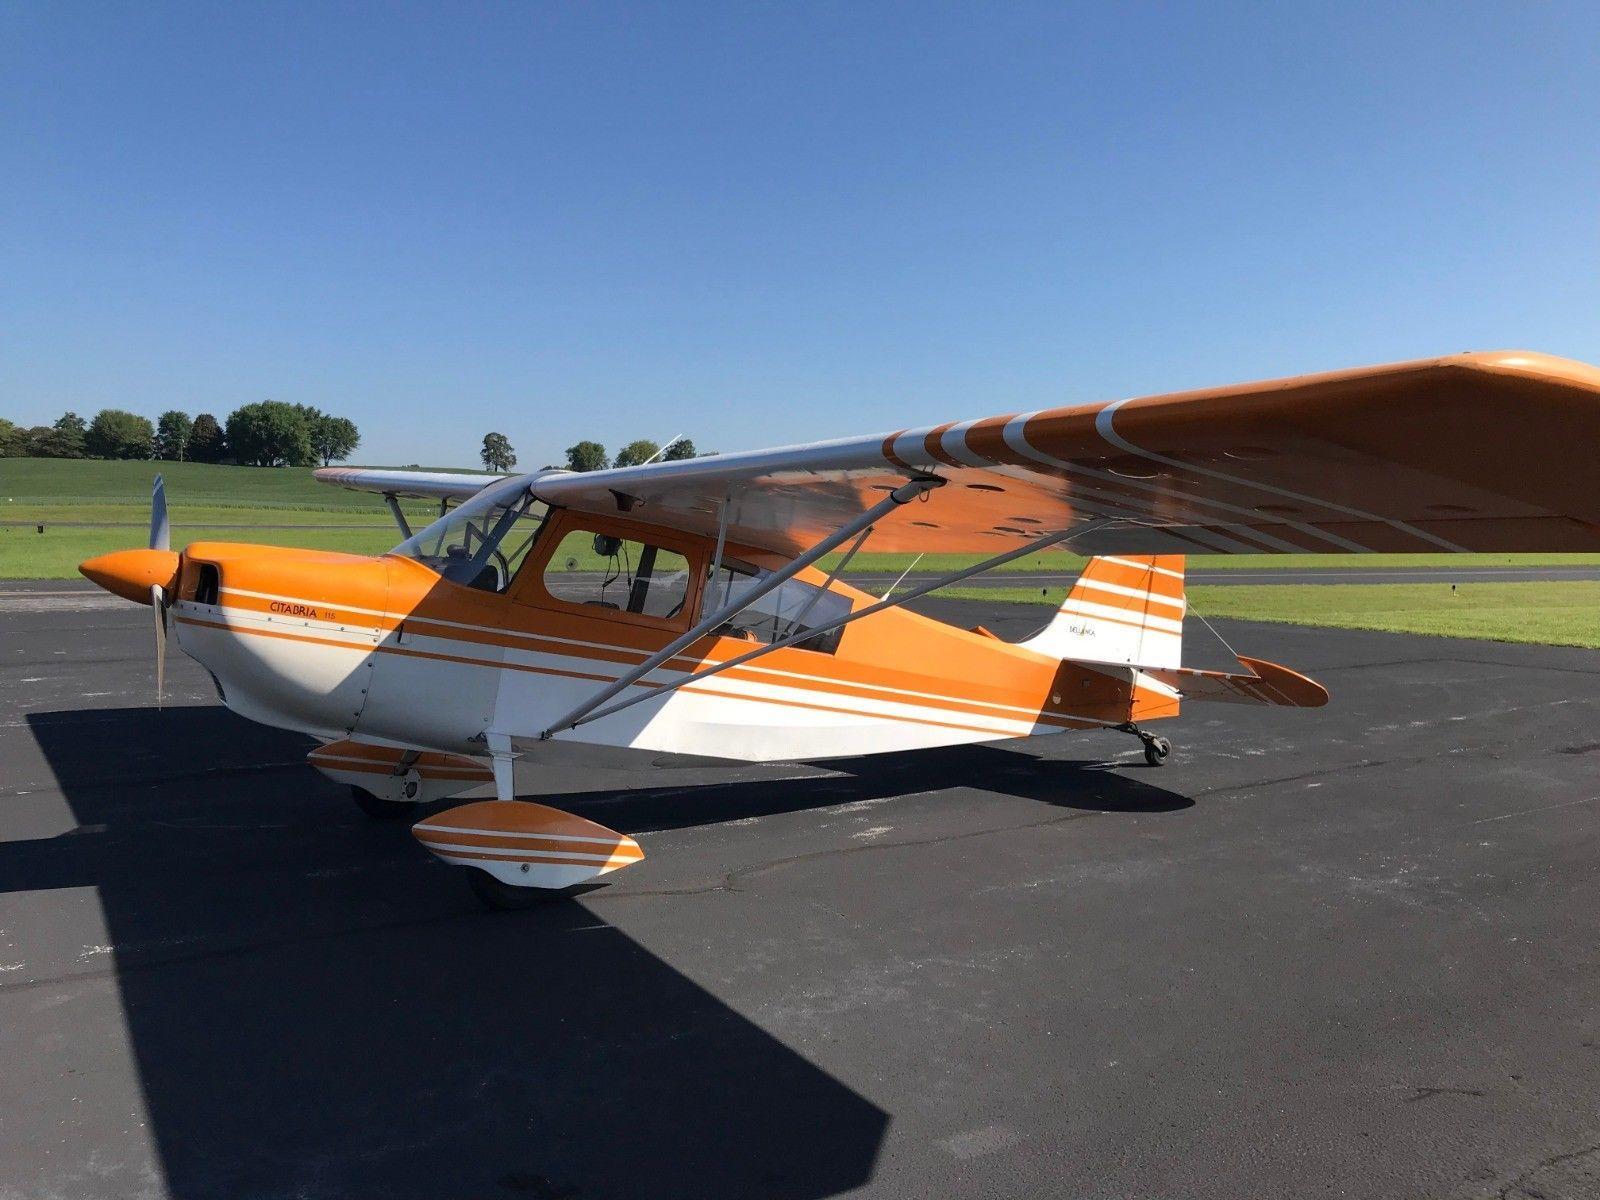 low hours 1978 Citabria 7ECA aircraft for sale